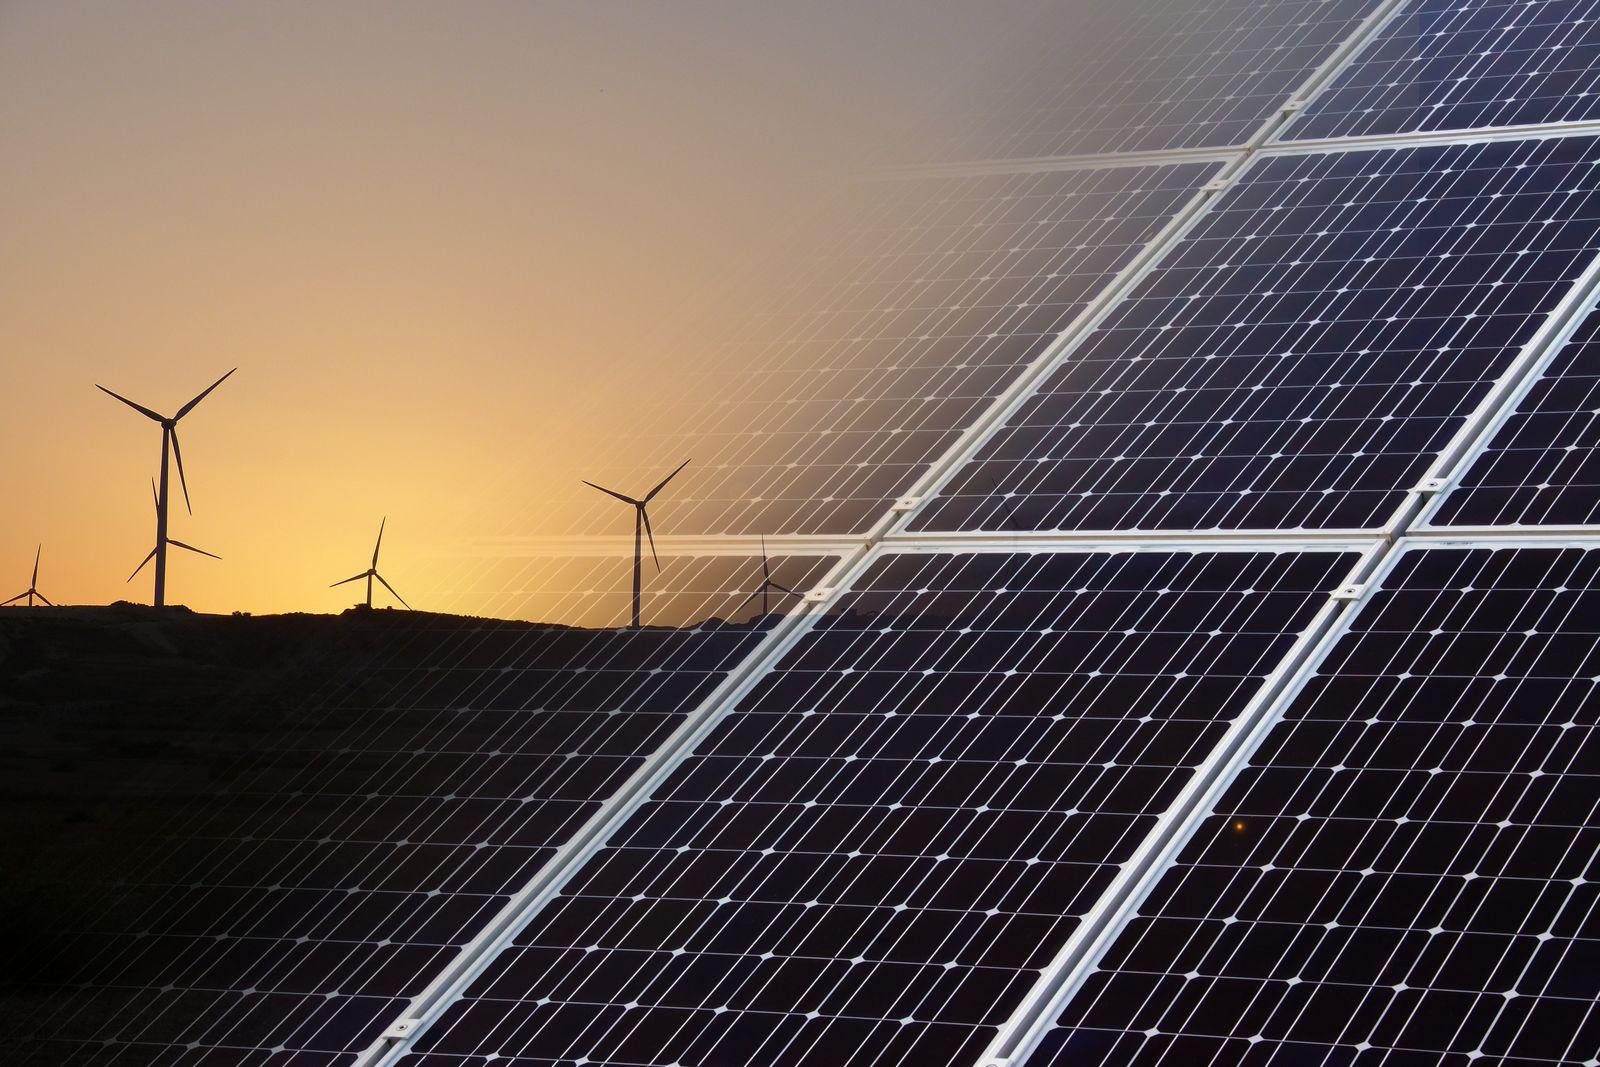 【陳立誠觀點】「加州經驗」與「聰明用電」是台灣能源問題解方嗎? —向工研院劉院長討教電力問題